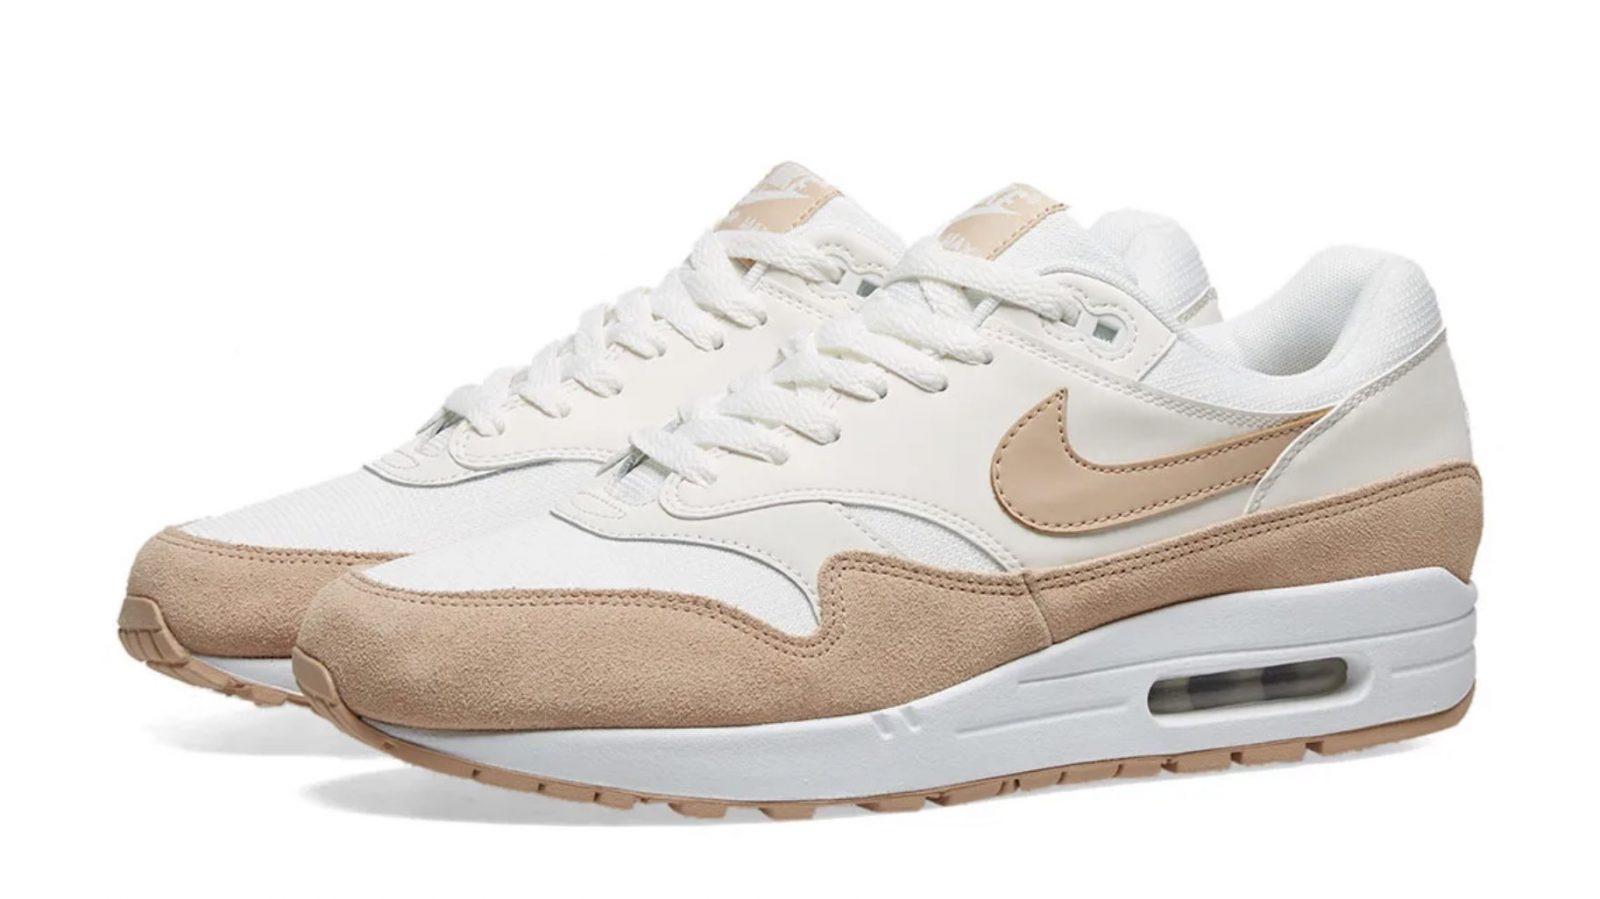 Nike Air Max 1 Blush Suede